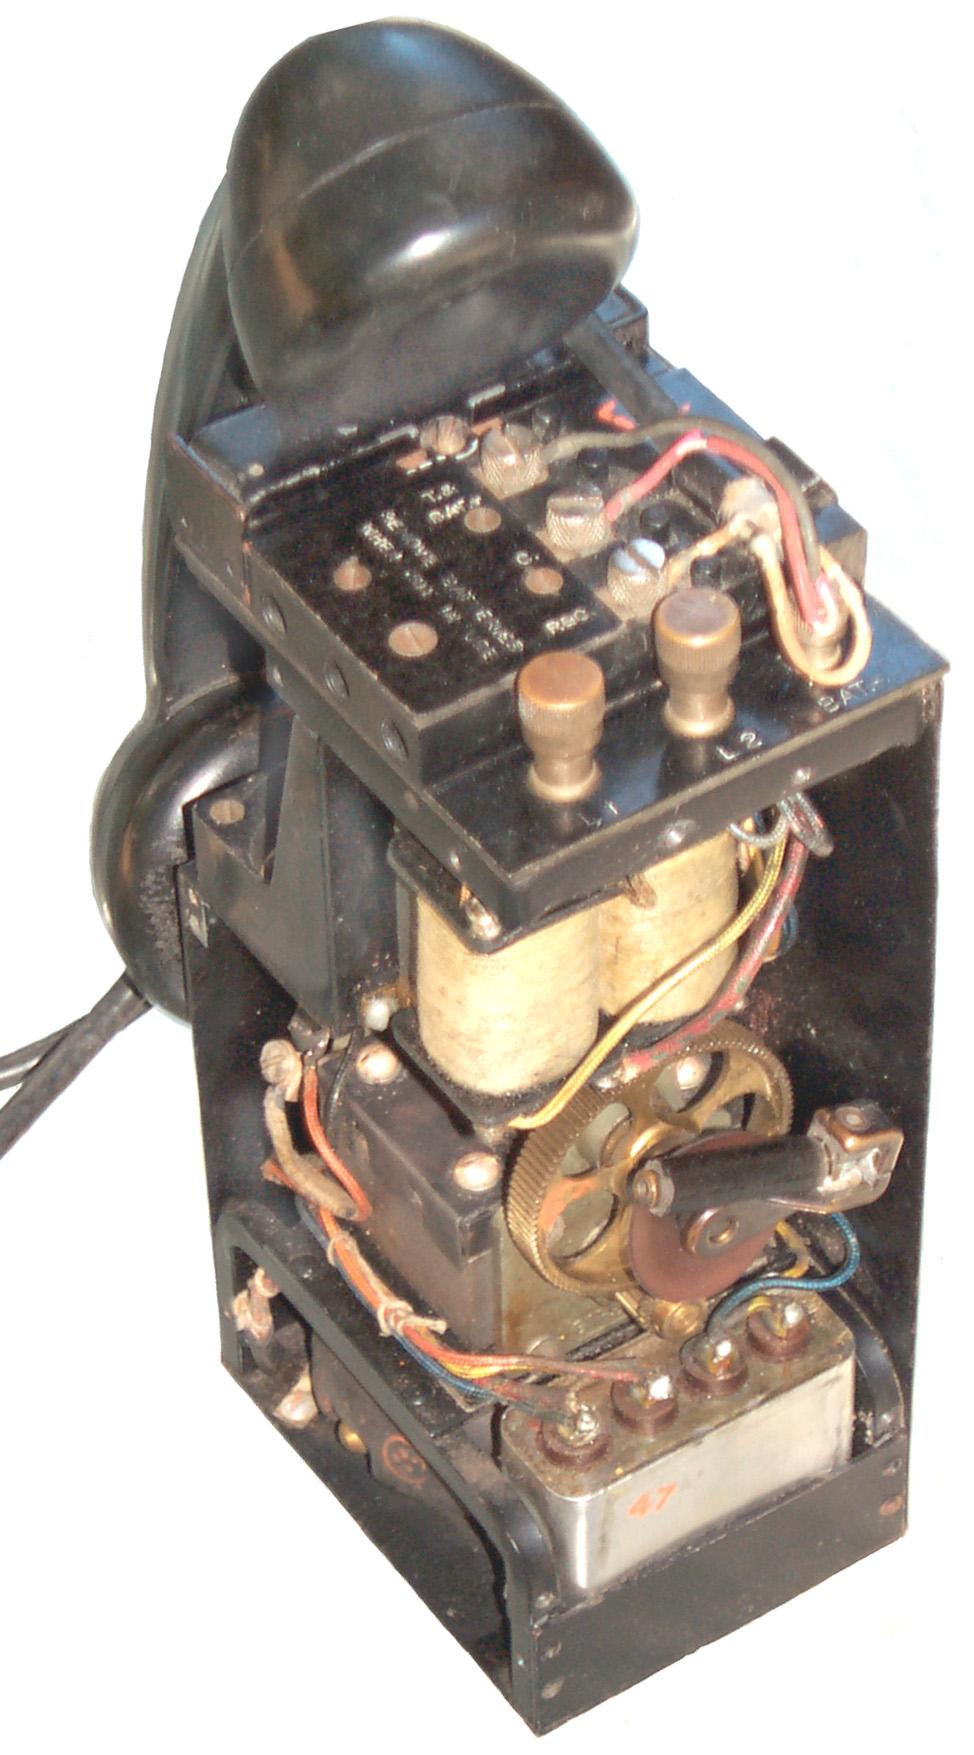 Wiring Diagram Old Telephone Wiring Diagram Vintage Telephone Wiring